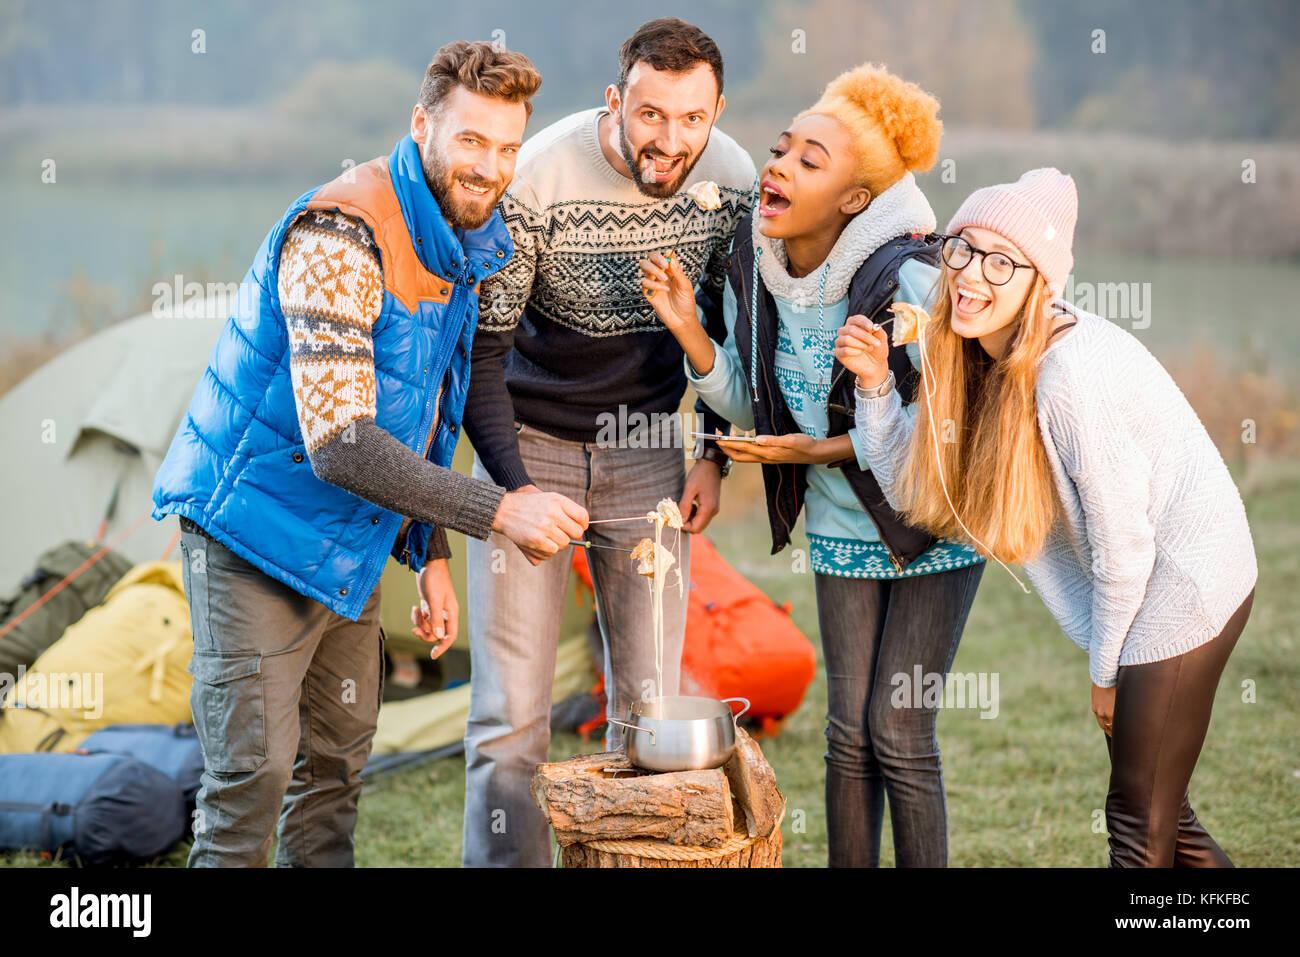 Amis de chandails de manger en plein air à fondue Photo Stock